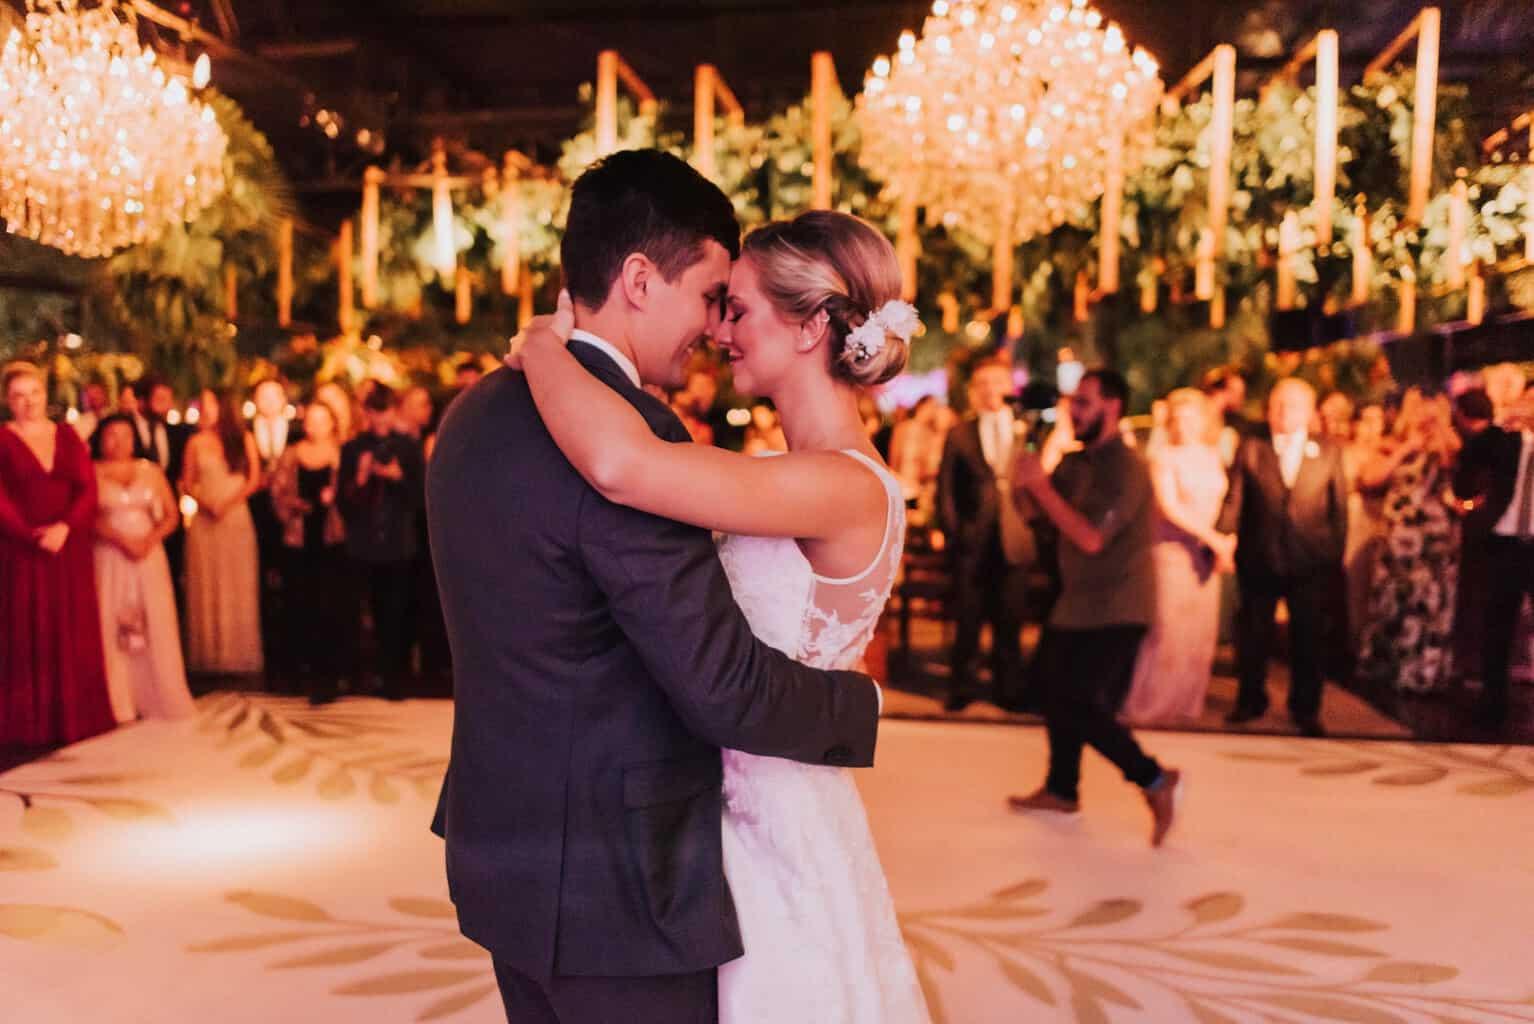 Braulio-Delai-casamento-Luciana-e-Eduardo-Cerimonial-Sandra-Colin-Fotografia-Mana-Gollo-fotos-dos-noivos-Igreja-Santa-Terezinha-e-Espaço-Klaine-pista25